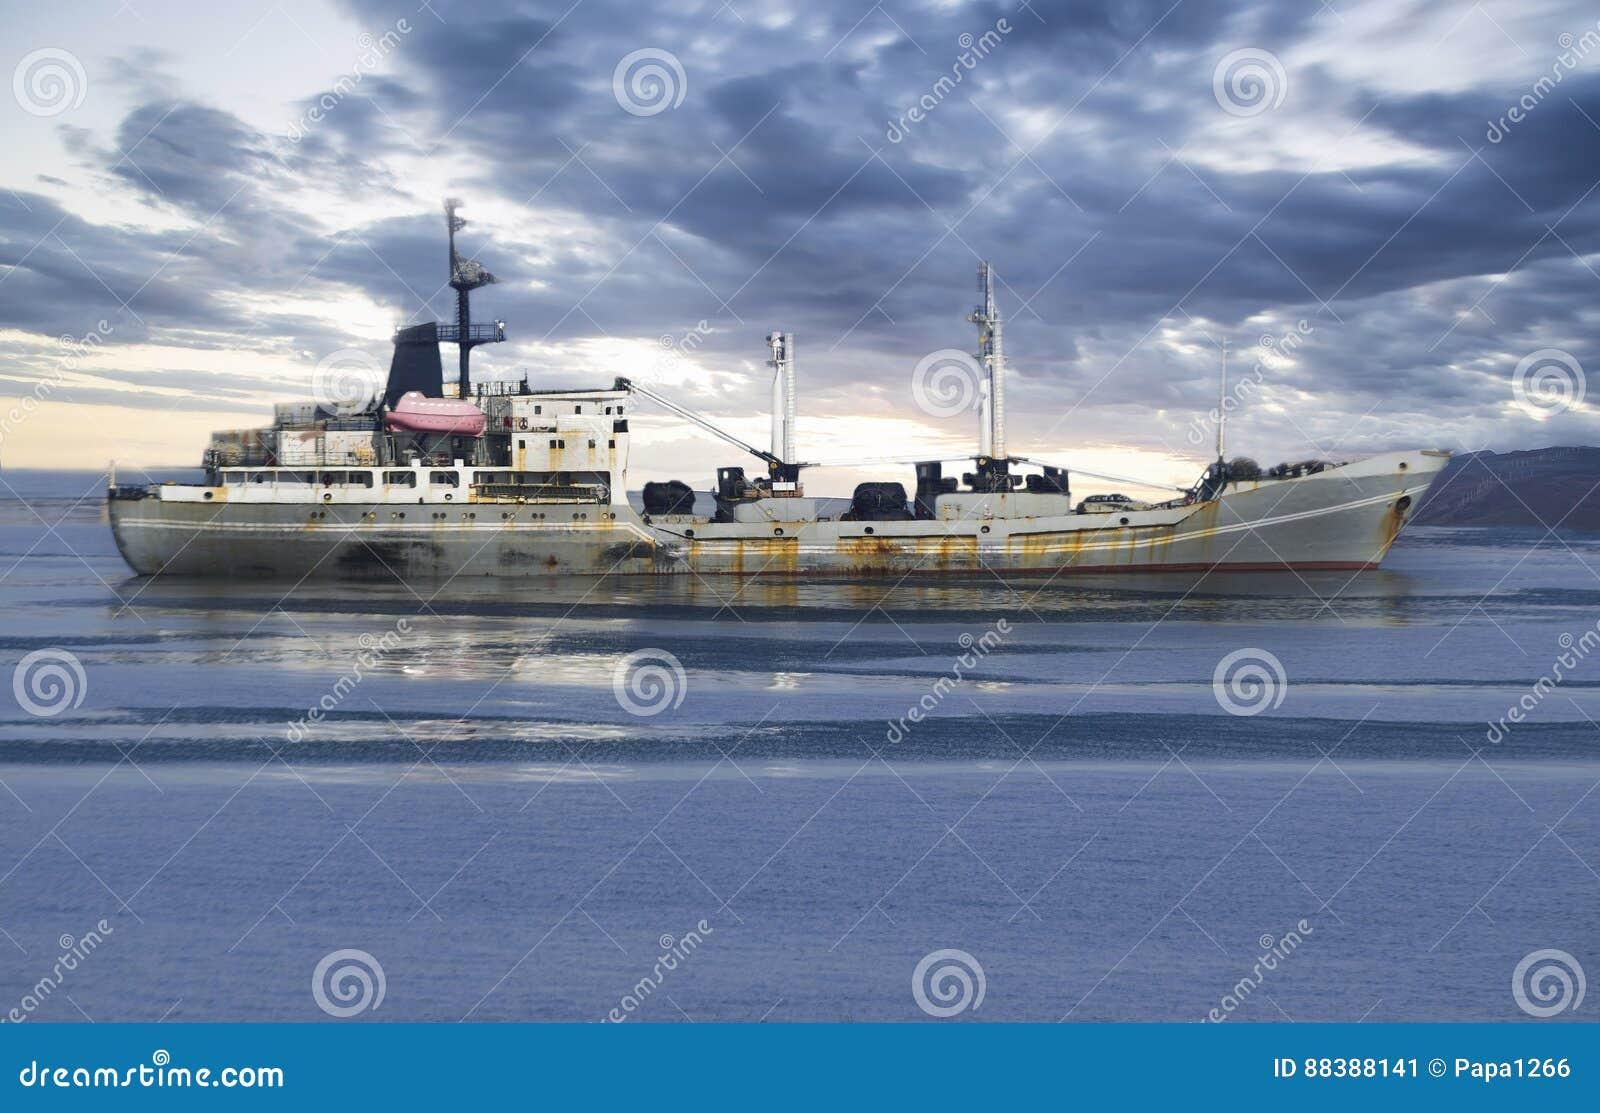 Vrachtschip in de oceaan